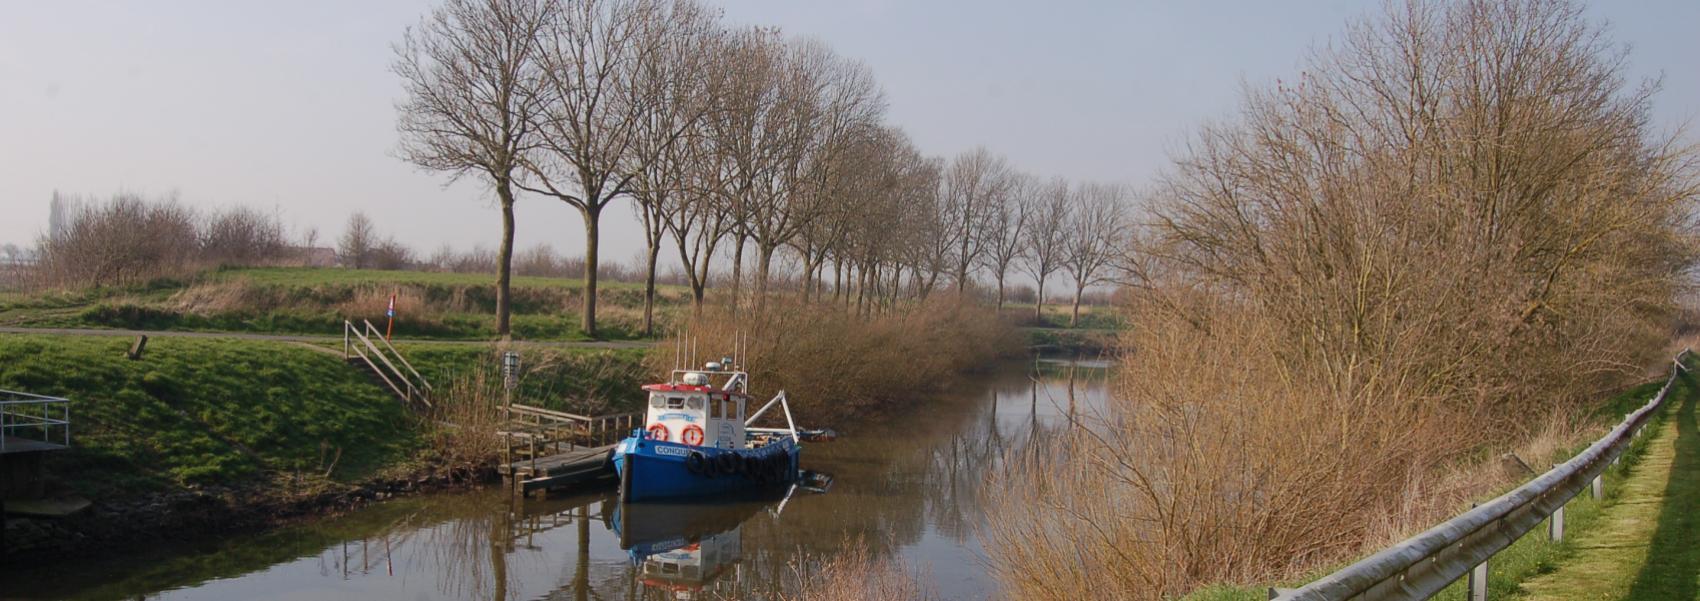 bootje op het kanaal